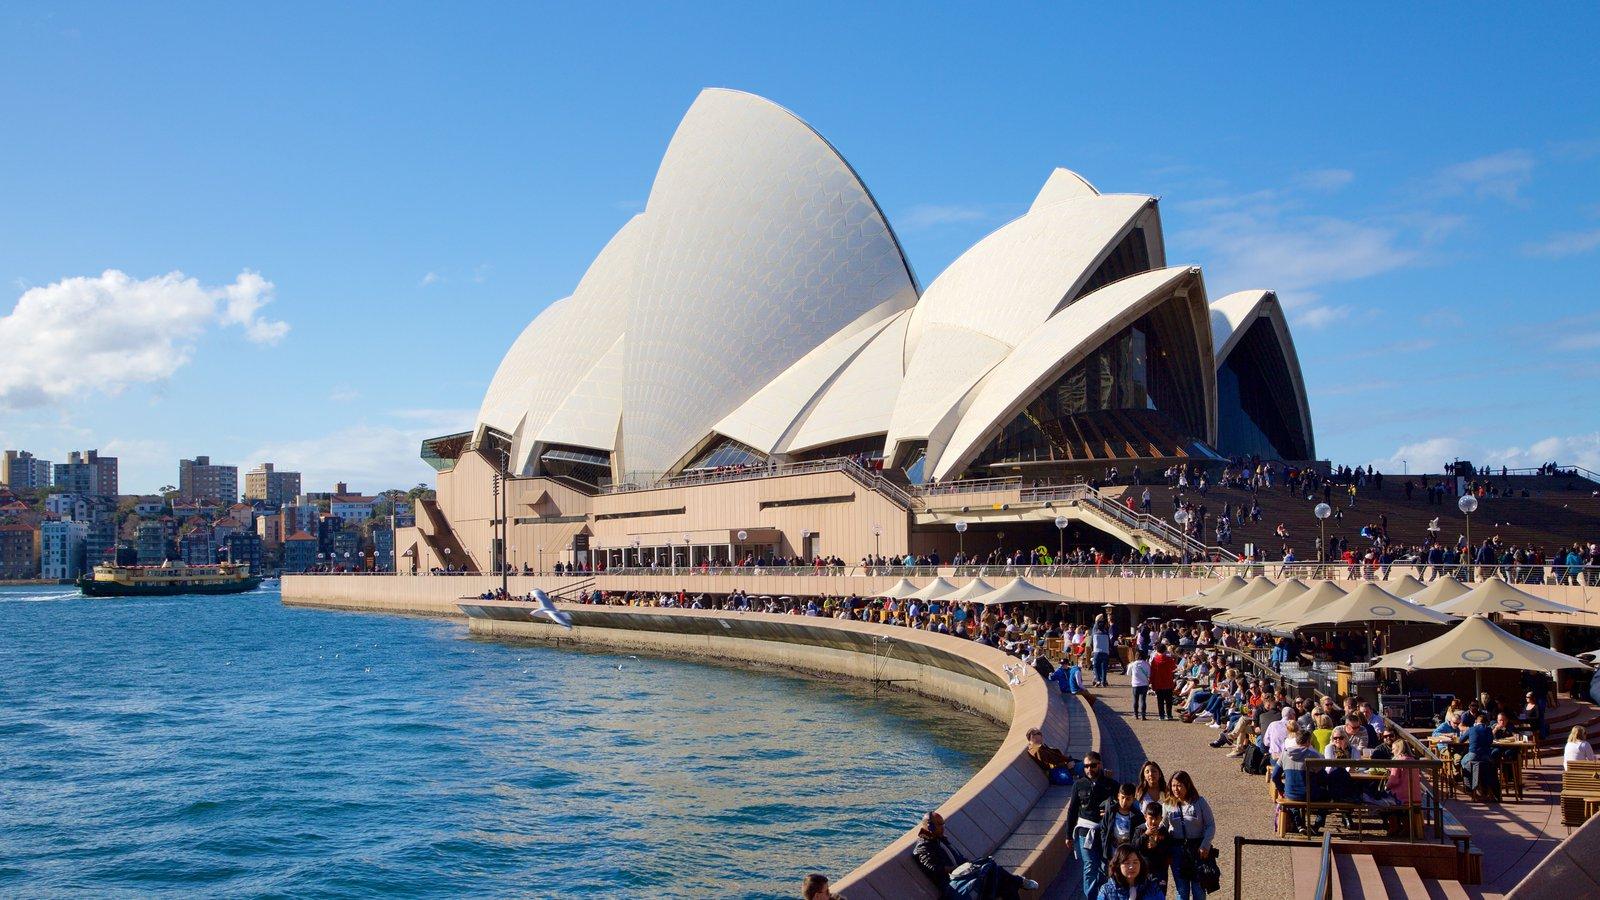 「シドニー・オペラハウス」 真っ白な屋根が特徴的なシドニーのシンボル!